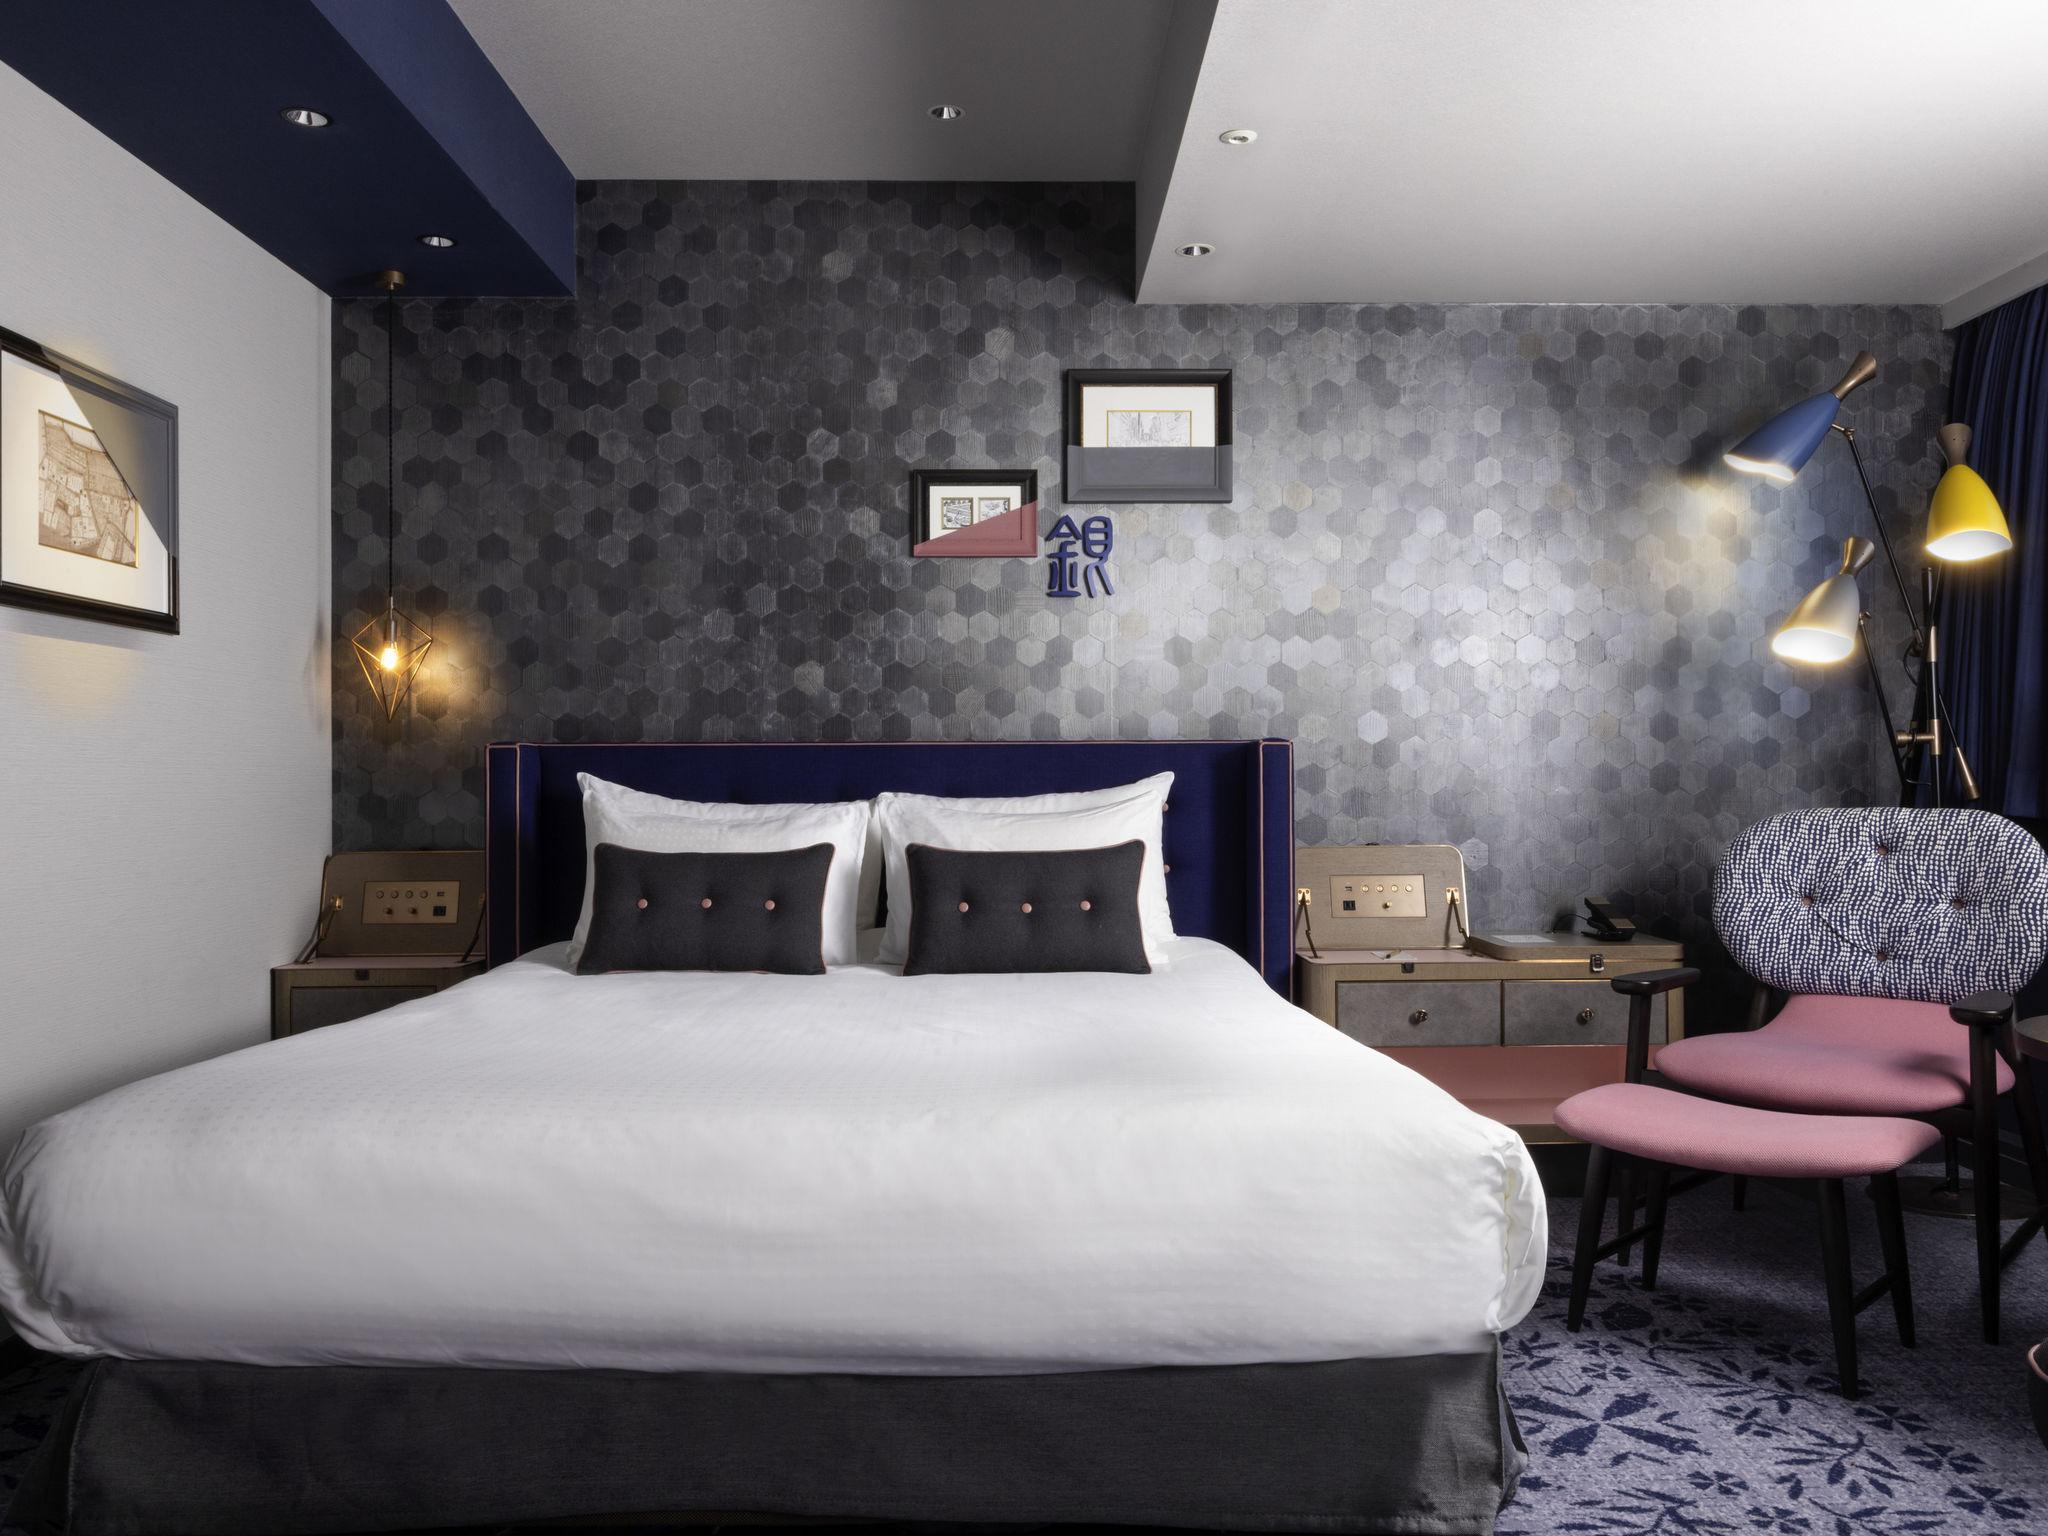 โรงแรม – เมอร์เคียว โตเกียว กินซ่า